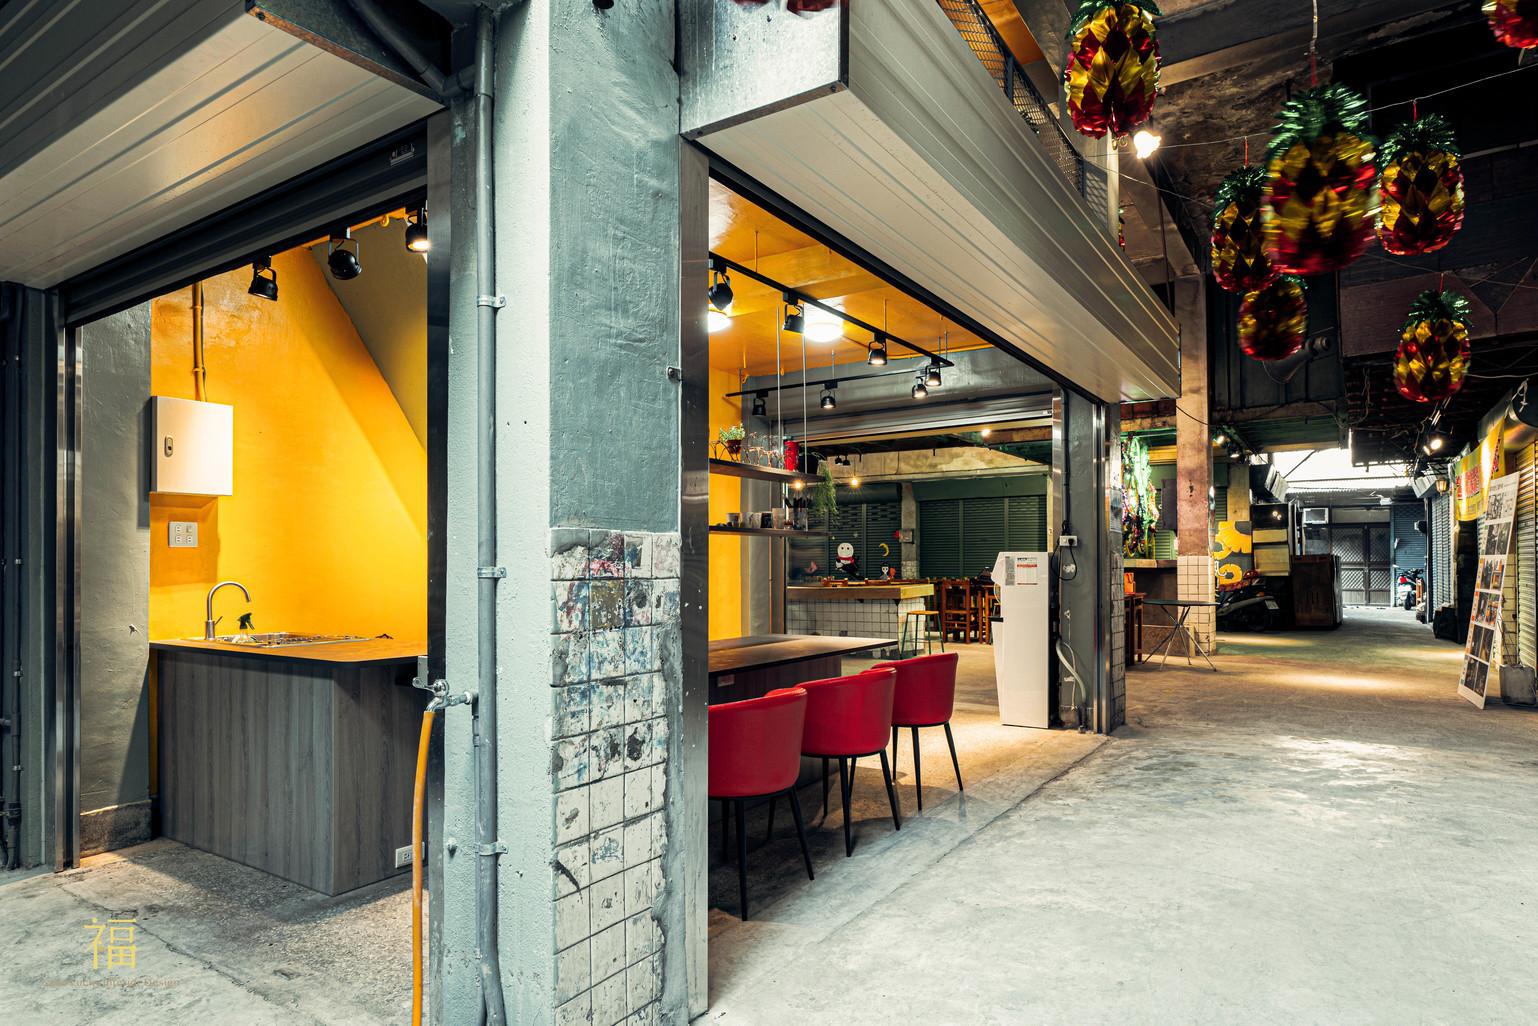 鳳梨會社5點0-社區規劃師駐地環境改造計畫|小福砌社區空間規劃設計